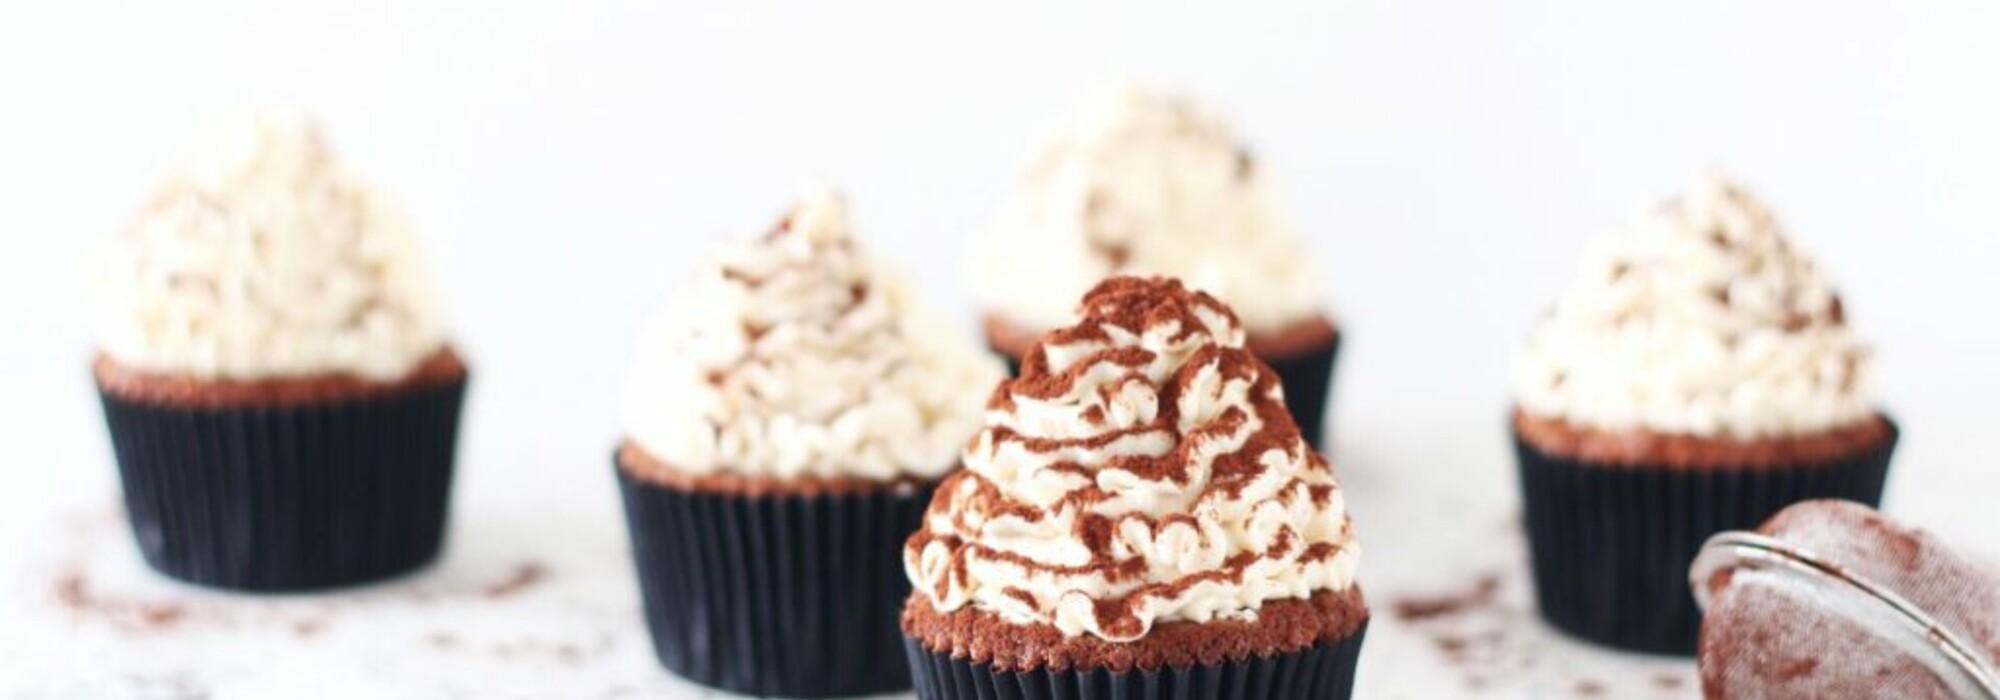 Koolhydraatarme tiramisu cupcakes